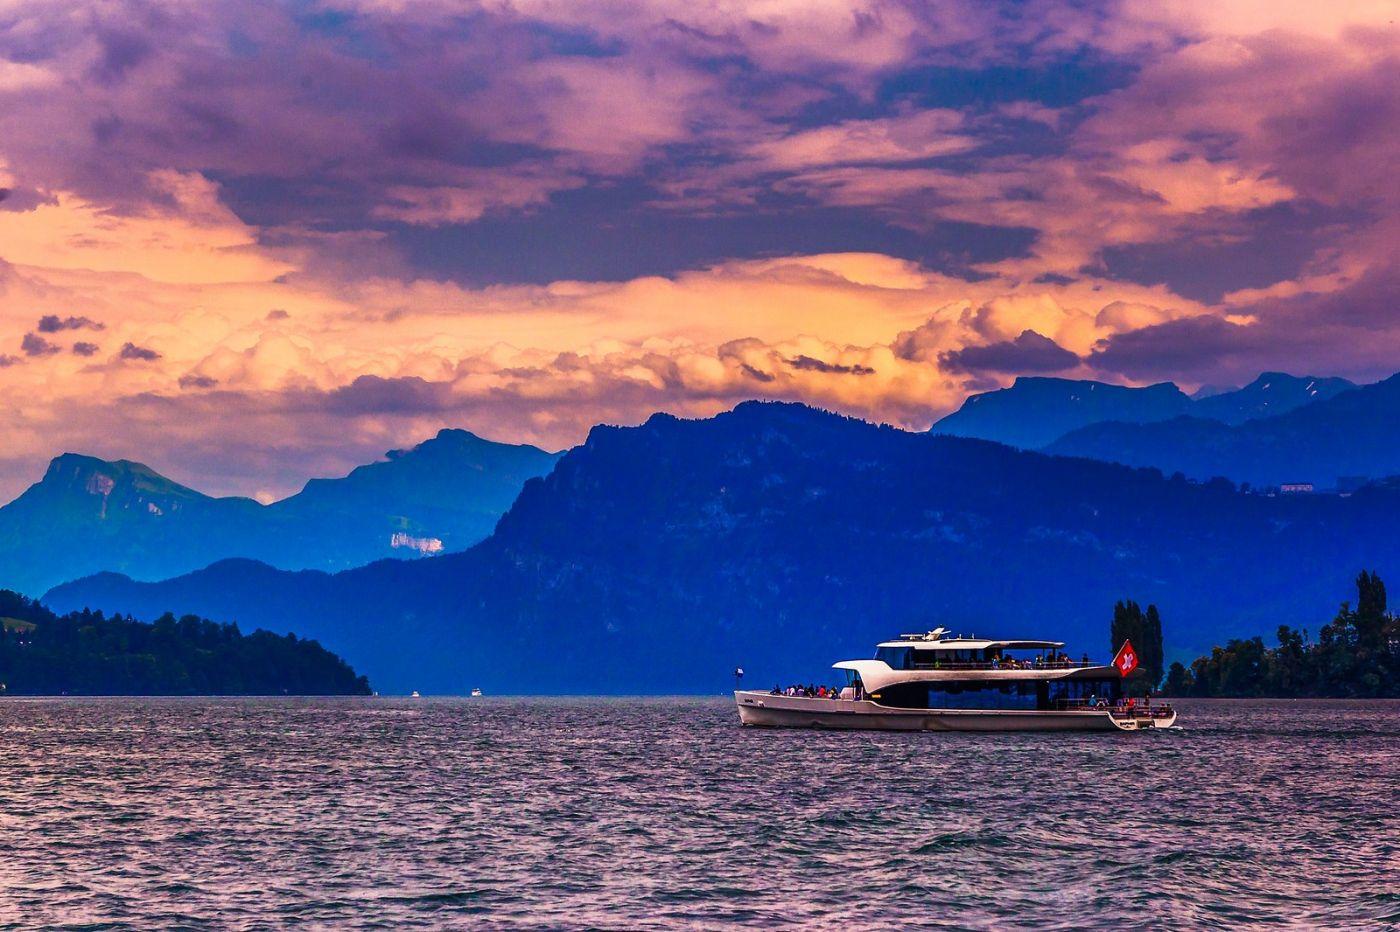 瑞士卢塞恩(Lucerne),浪漫的晚霞_图1-28